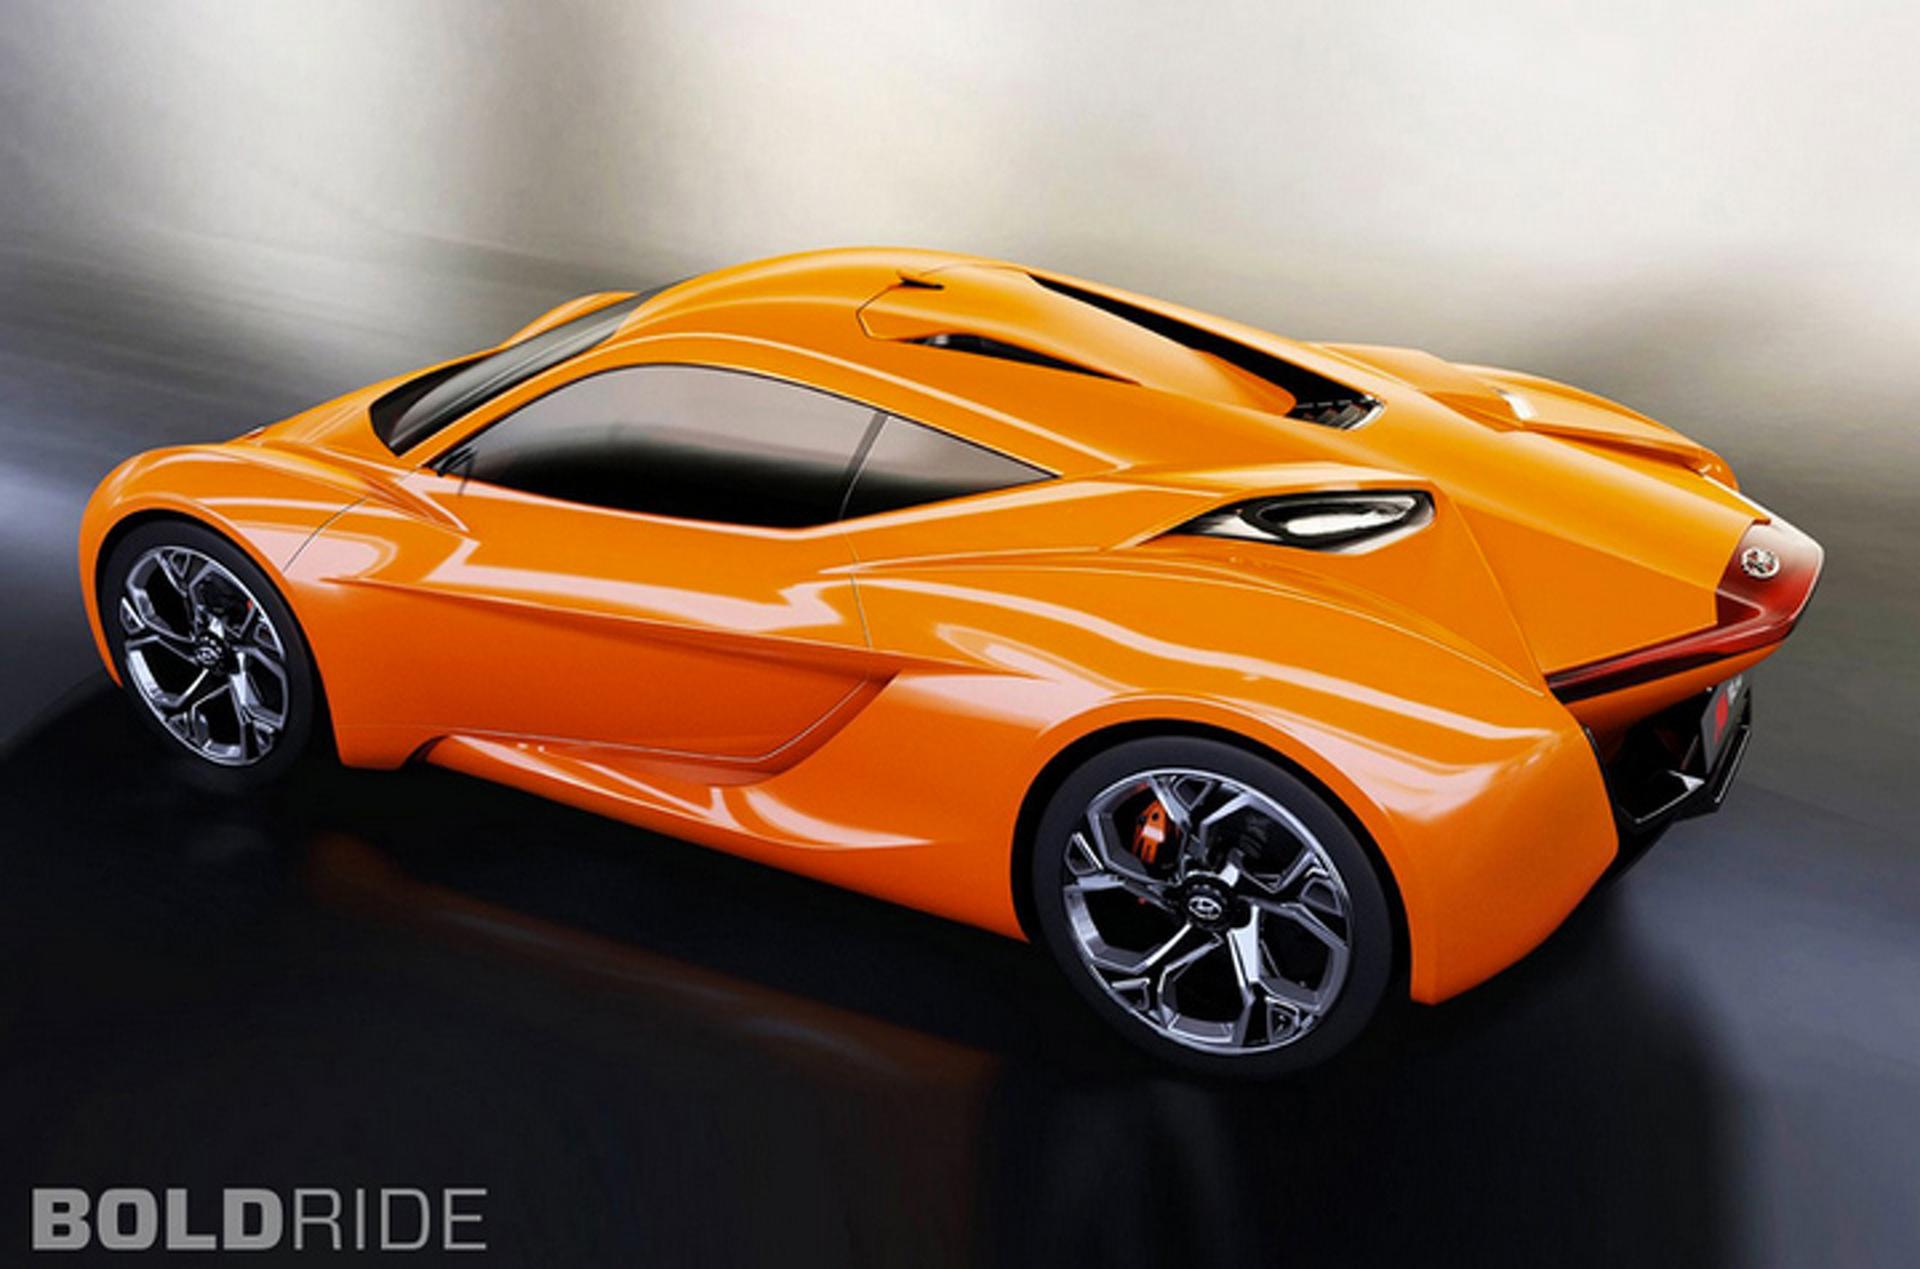 Hyundai Considers a New Small Sportscar